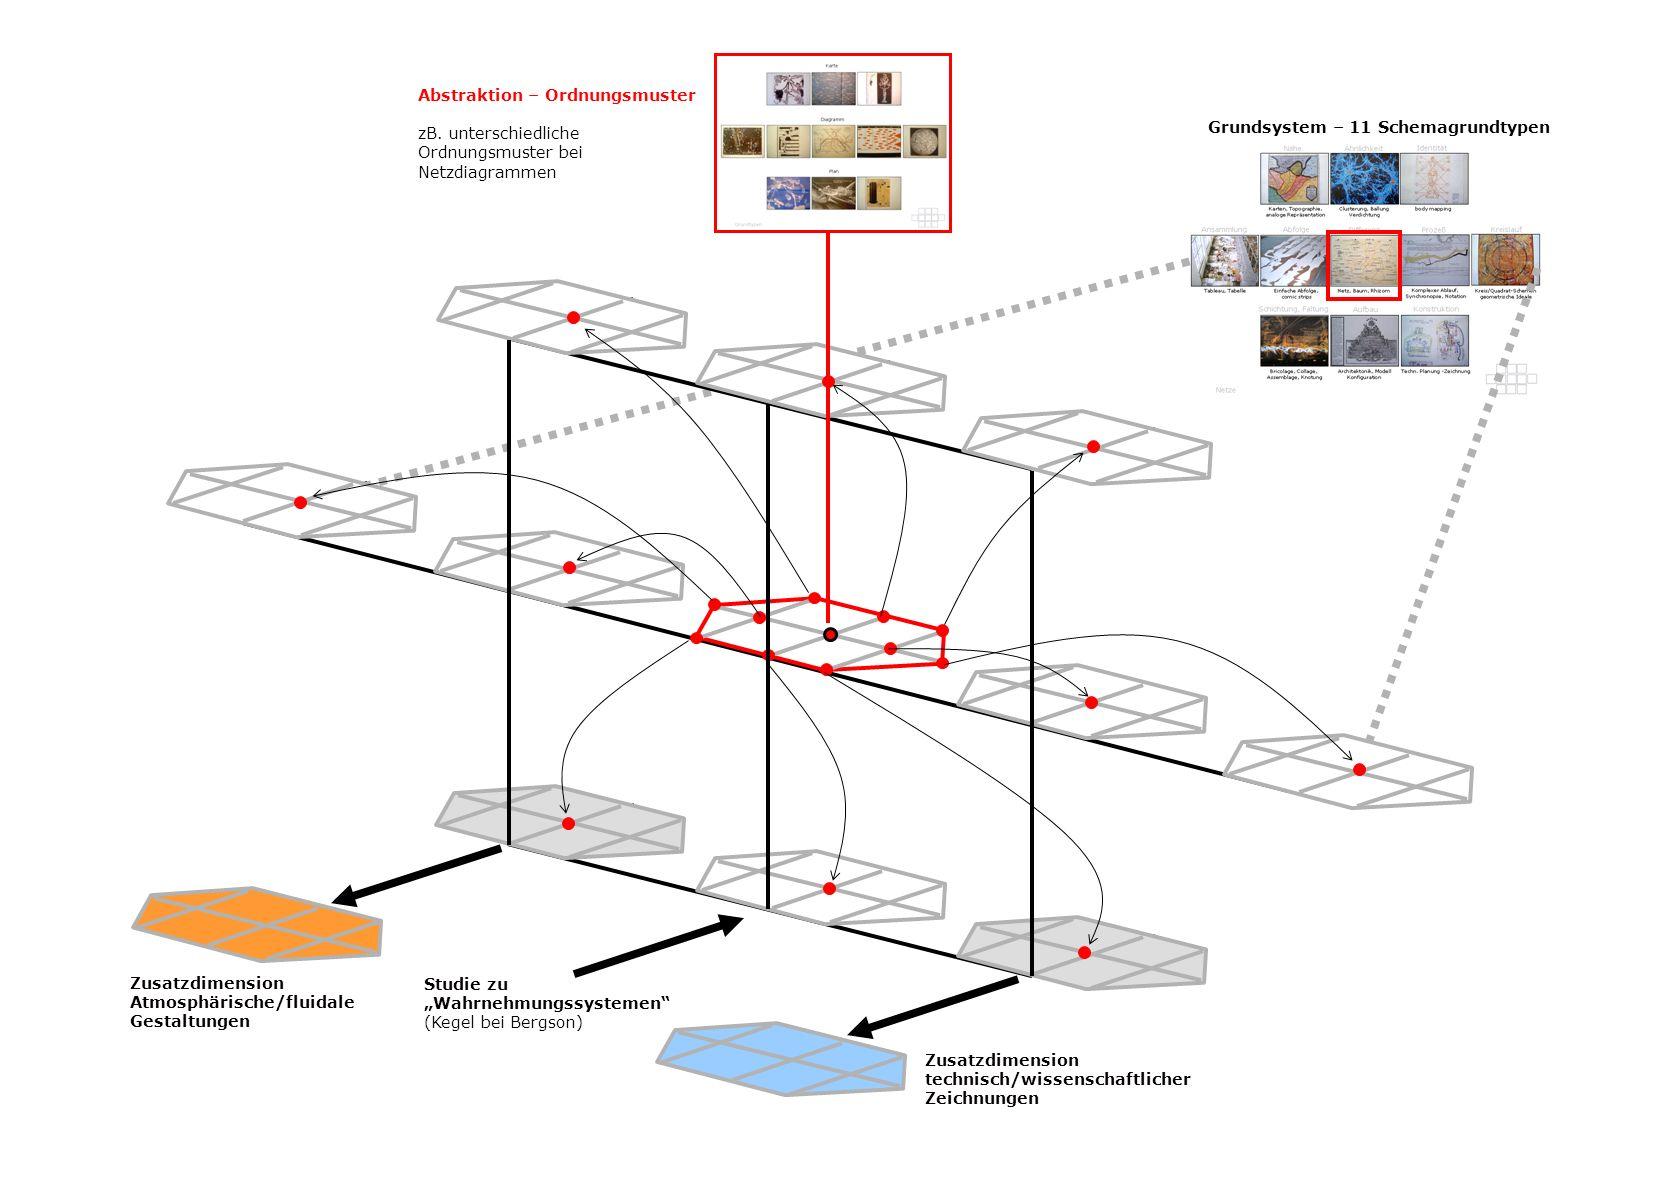 Abstraktion – Ordnungsmuster zB. unterschiedliche Ordnungsmuster bei Netzdiagrammen Grundsystem – 11 Schemagrundtypen Zusatzdimension technisch/wissen